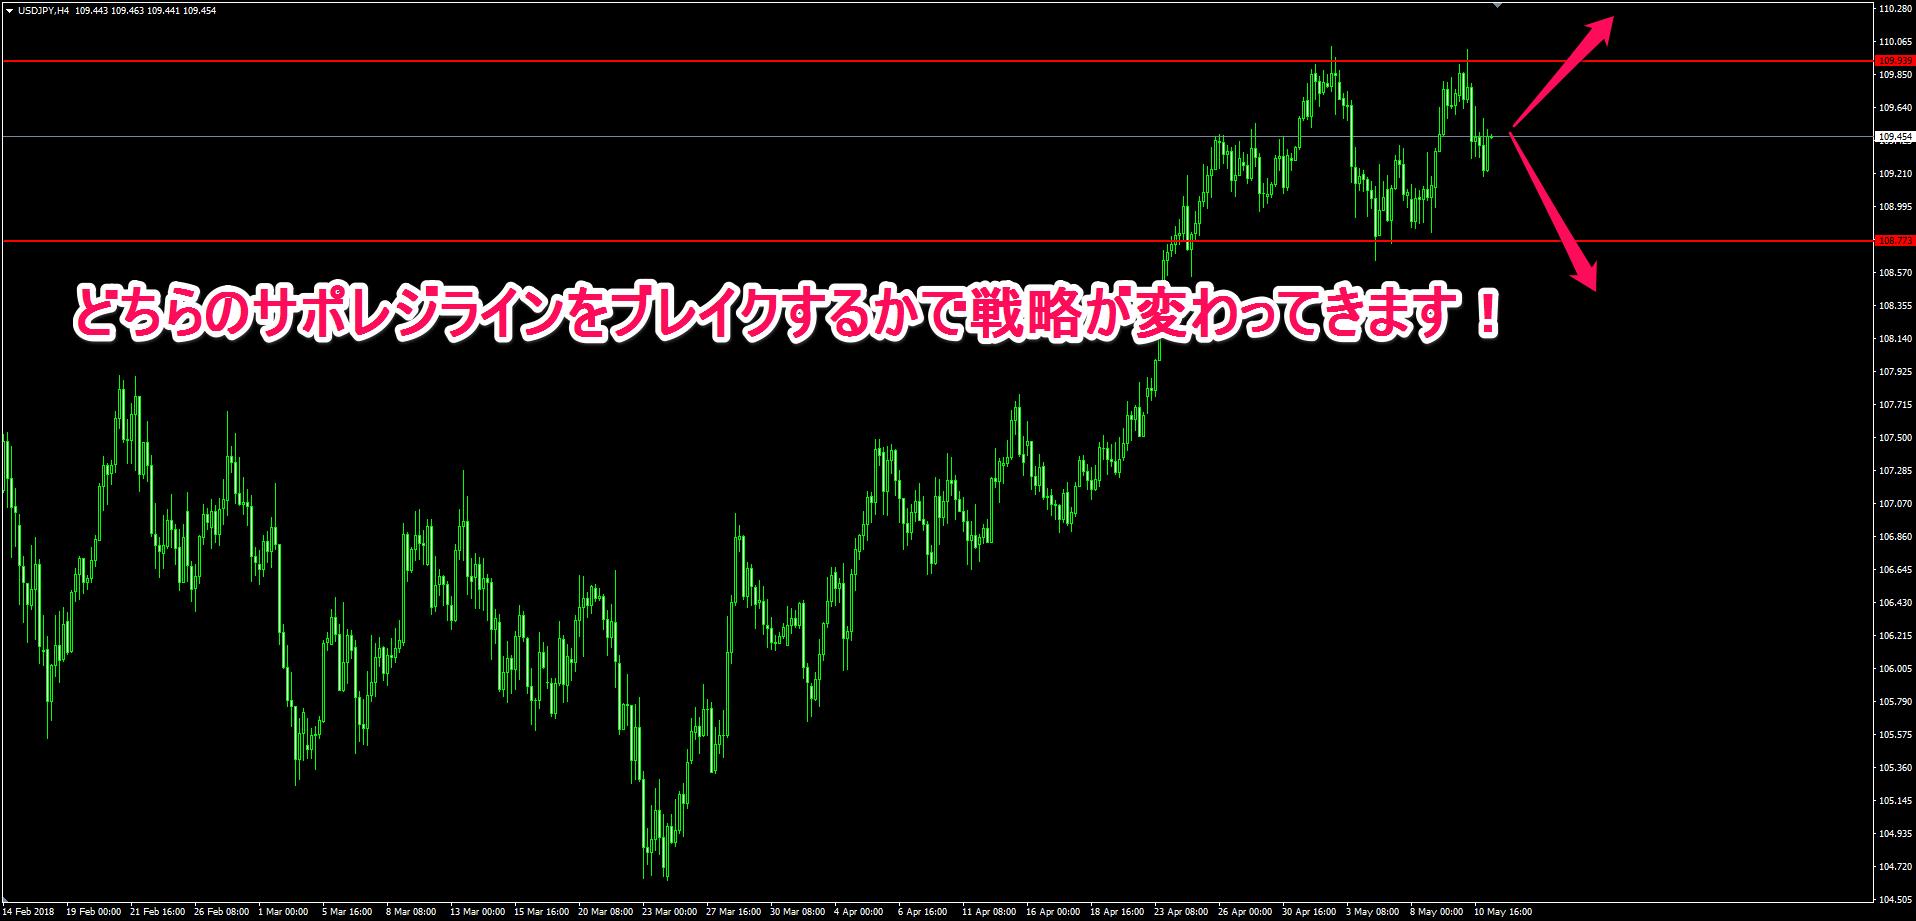 ドル円の4時間チャート